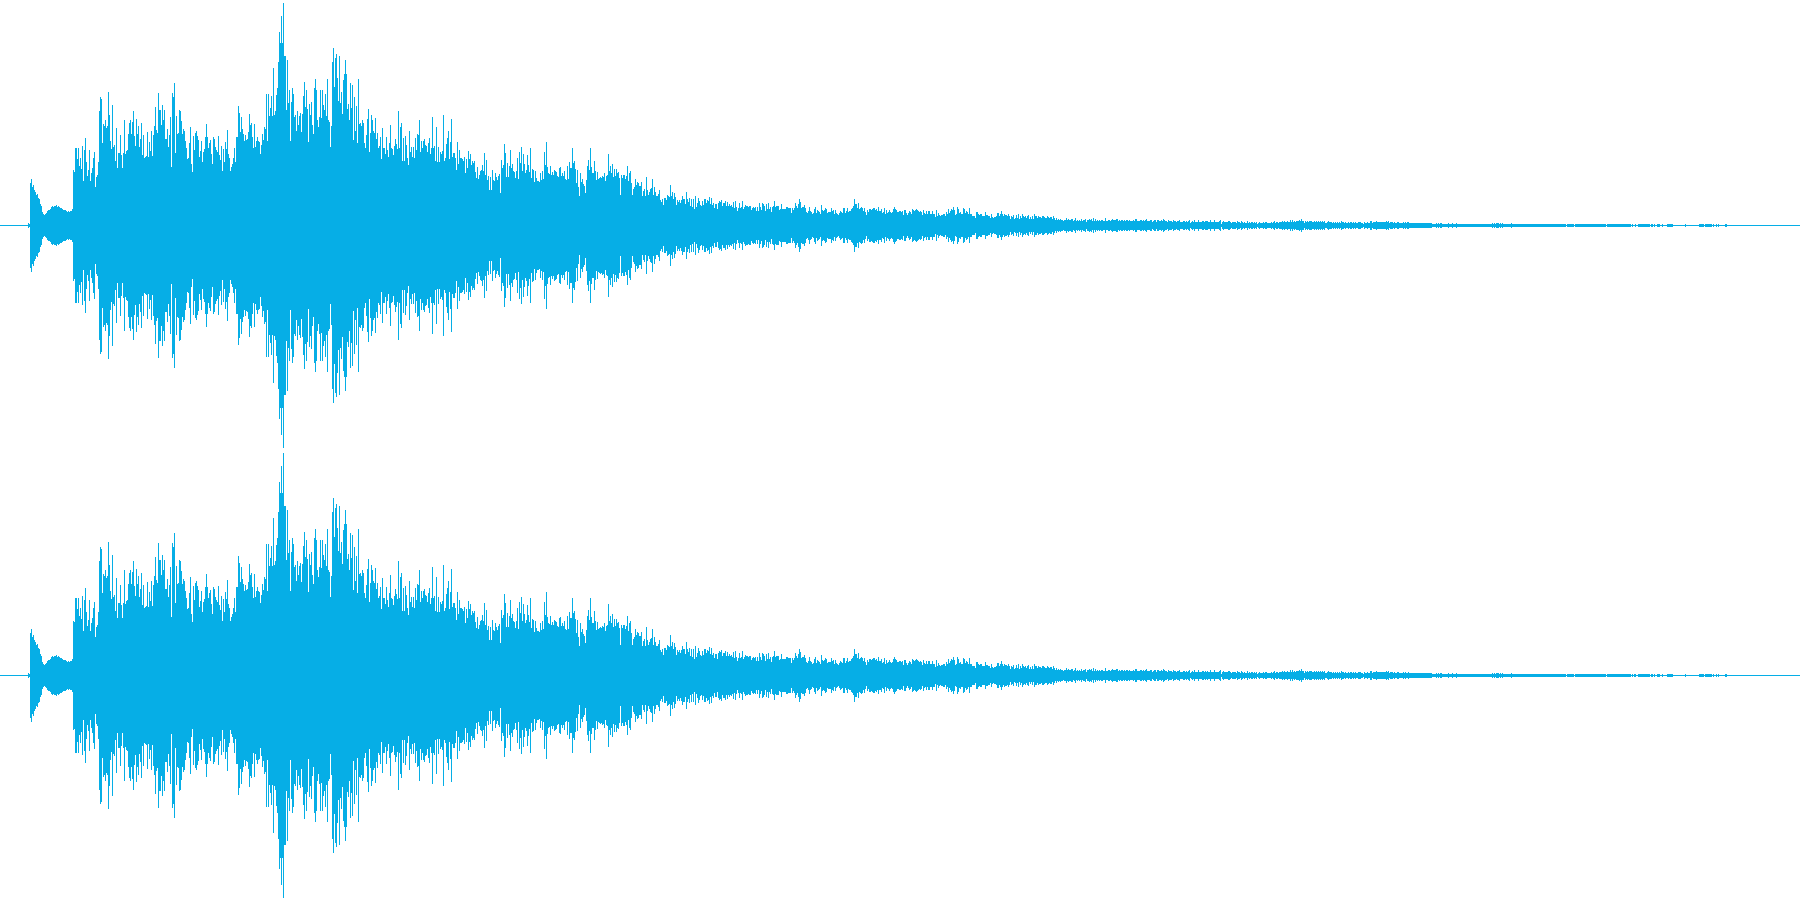 ツリーチャイムによるキラキラ音 上昇の再生済みの波形